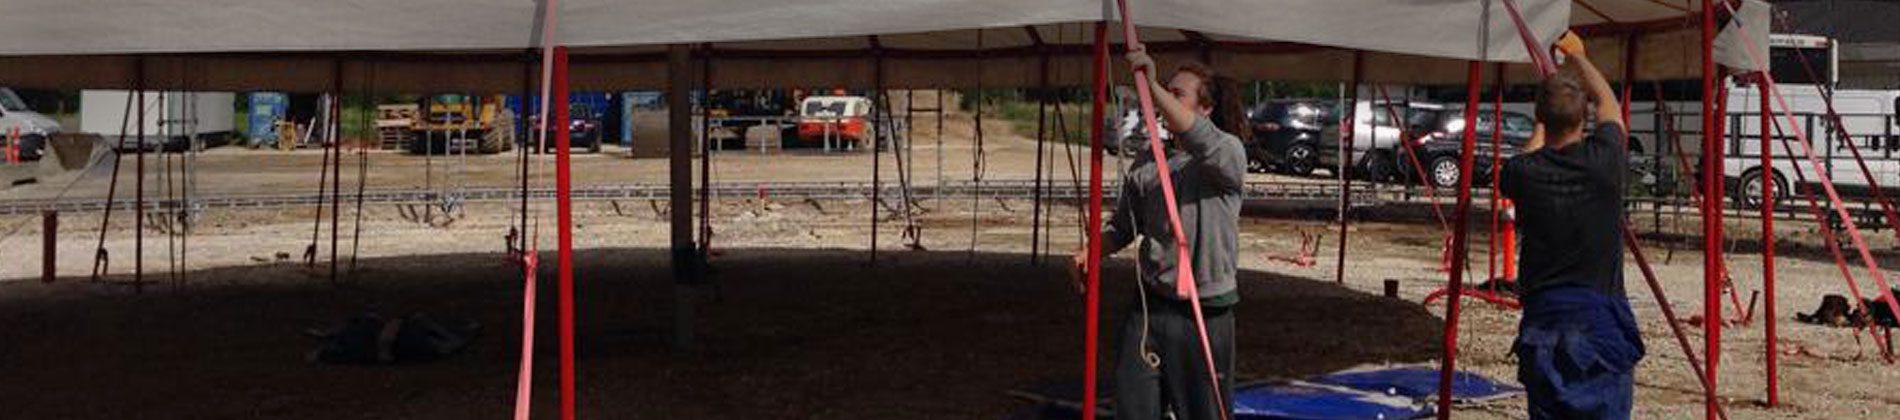 Cirkus for børn og unge i Gellerup